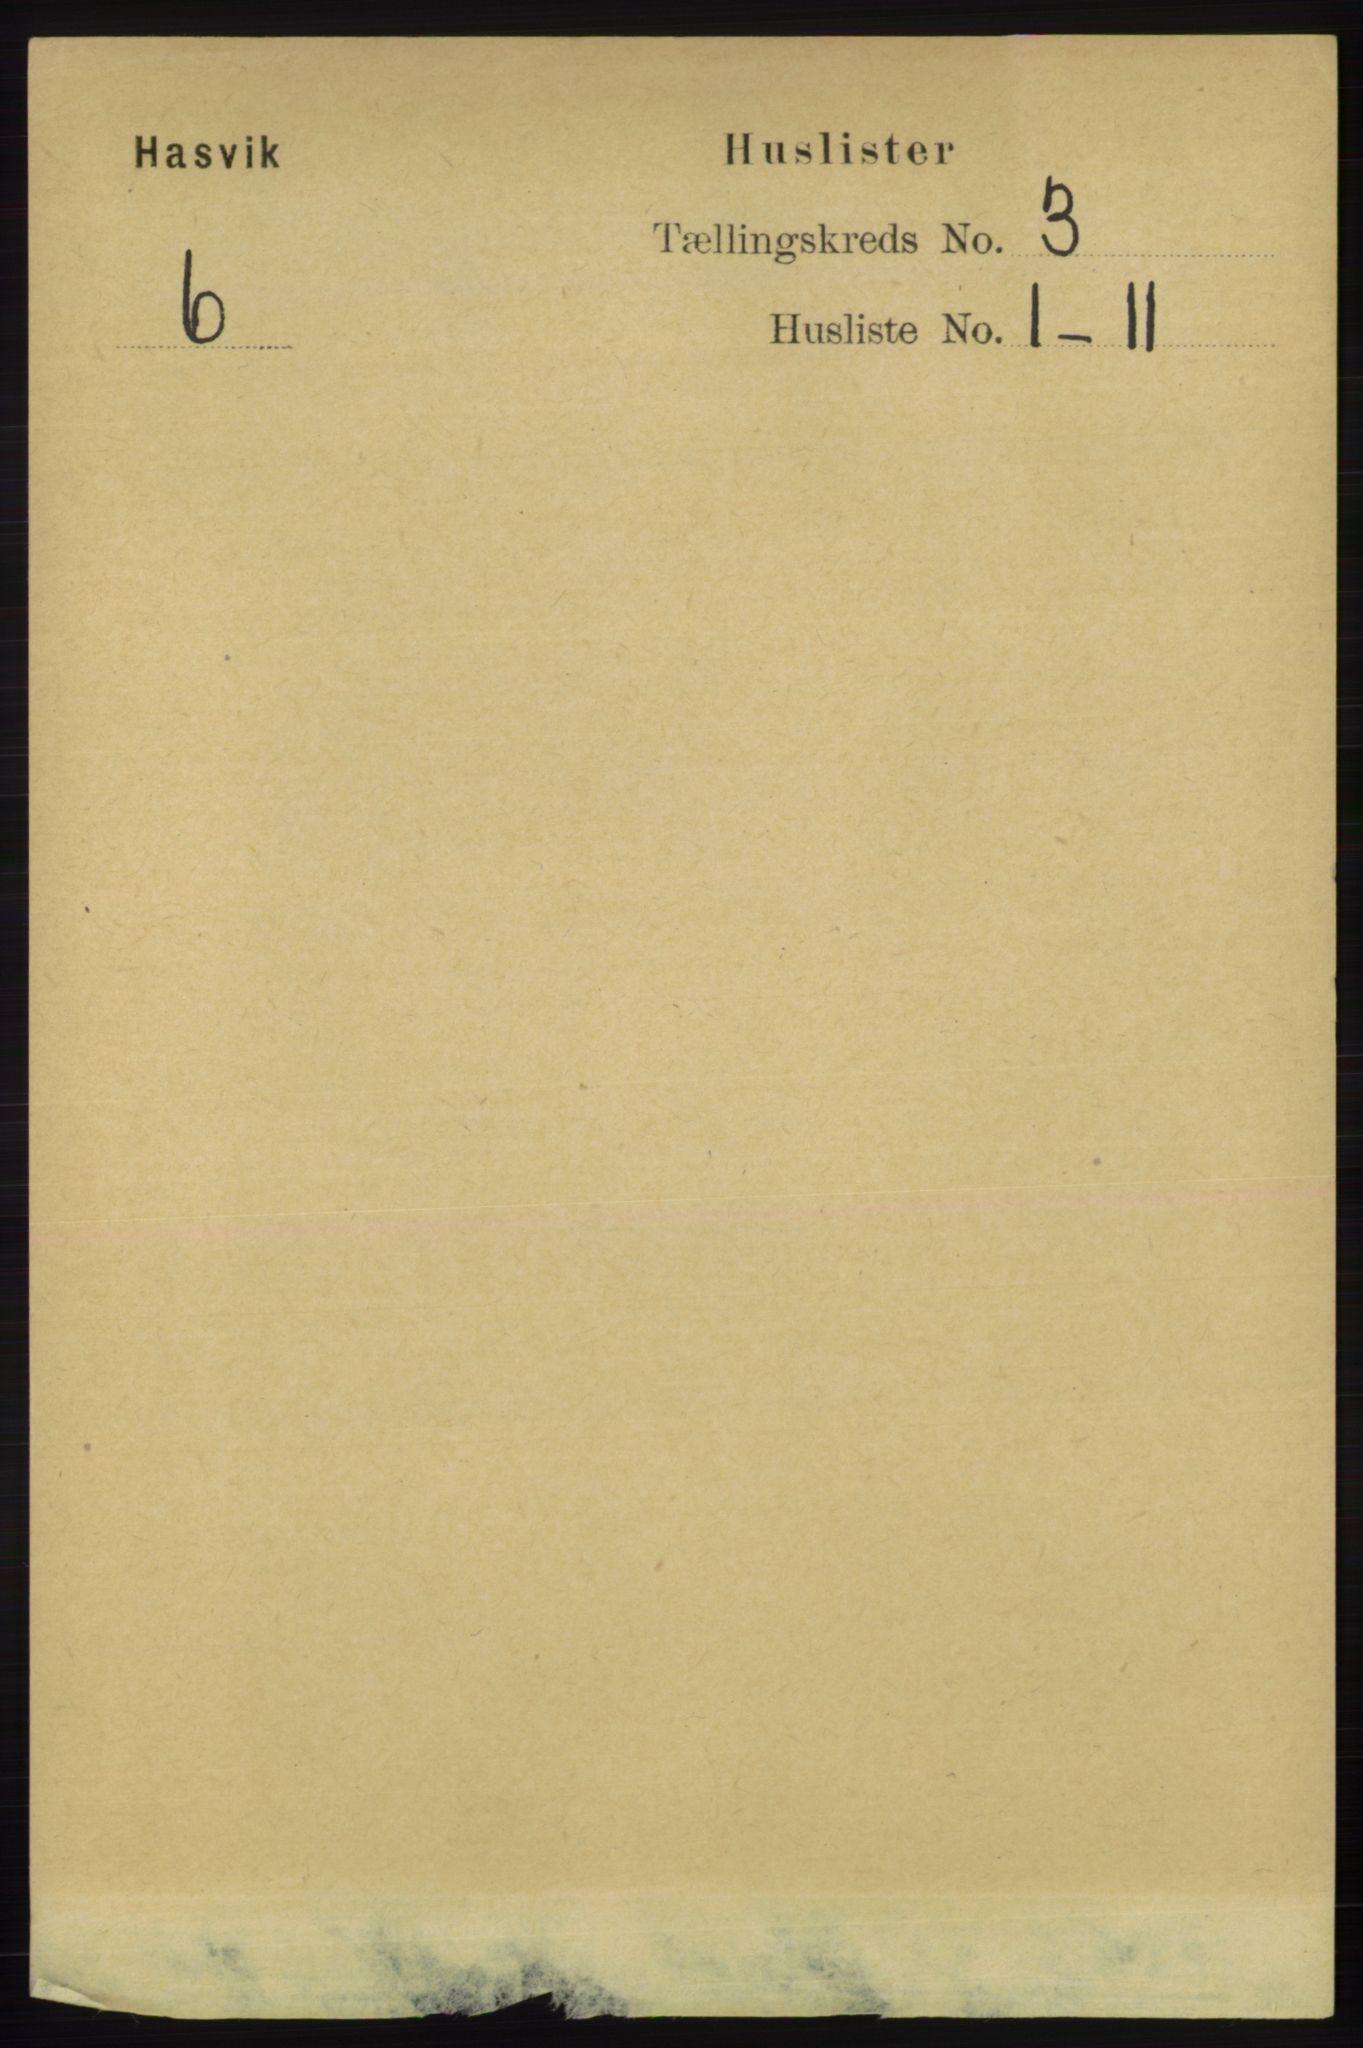 RA, Folketelling 1891 for 2015 Hasvik herred, 1891, s. 388